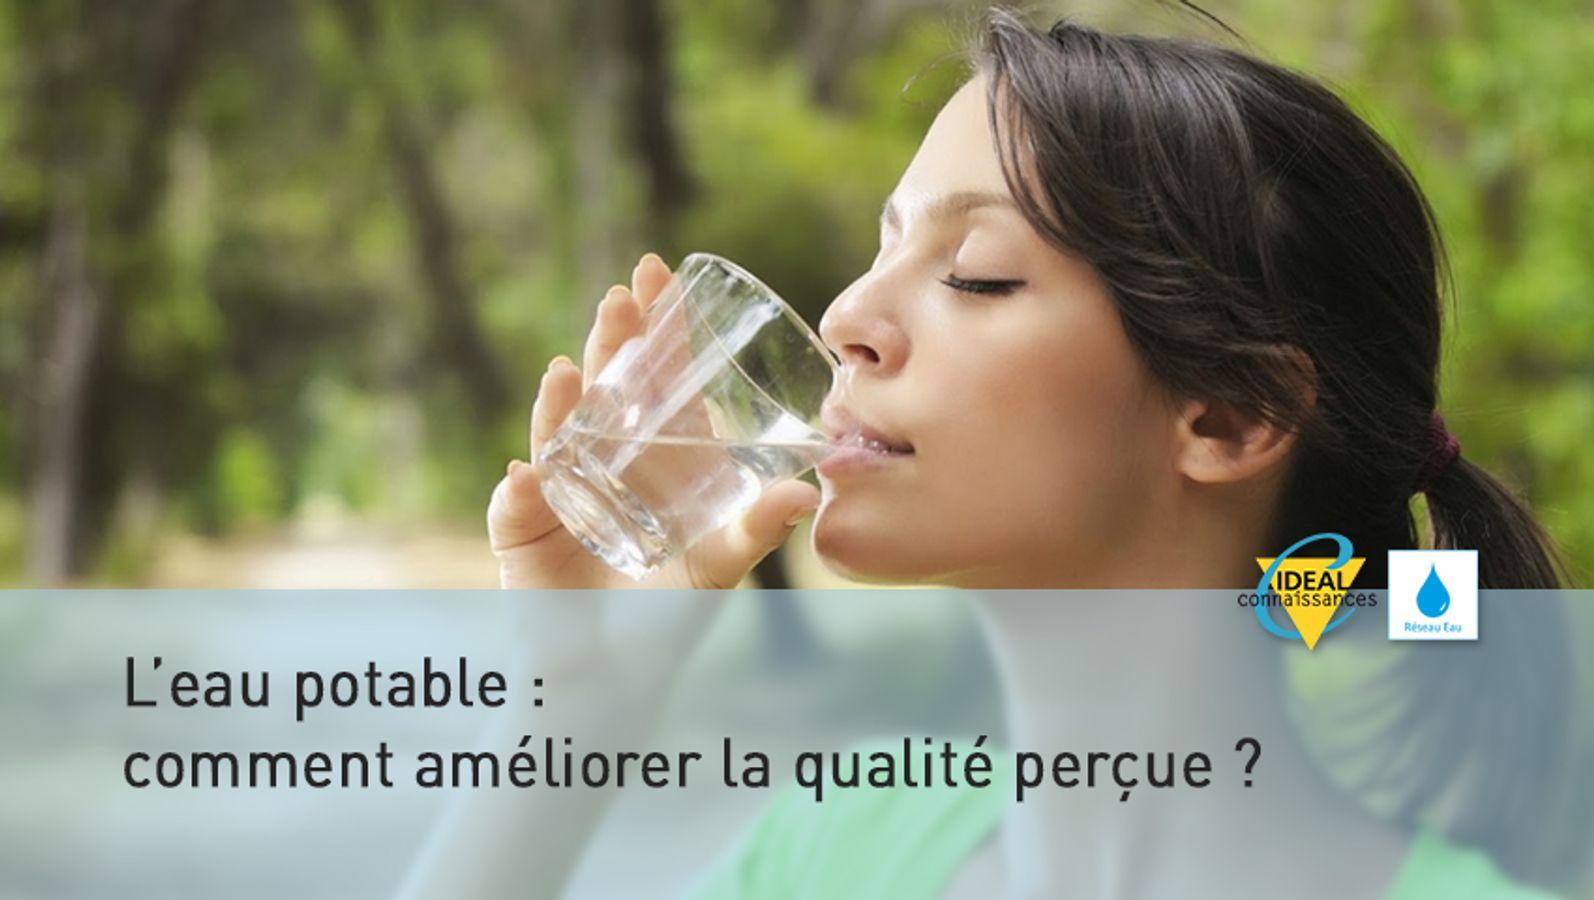 L'eau potable : Comment améliorer la qualité perçue ?